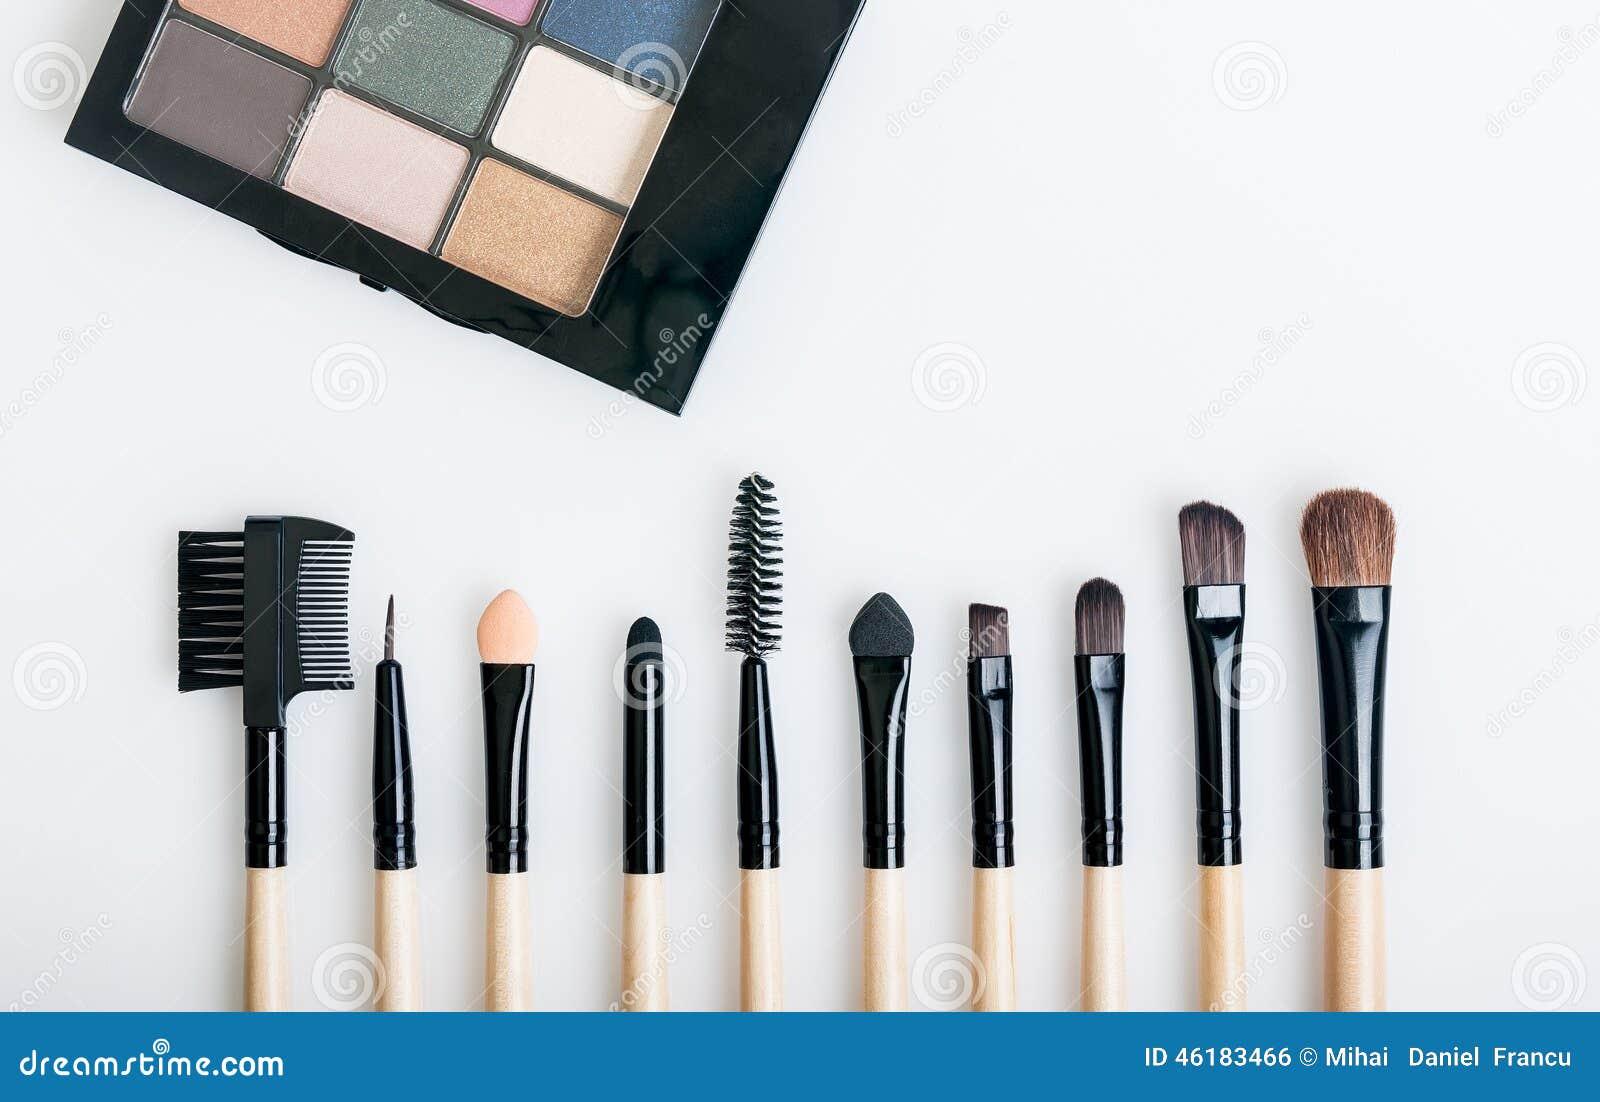 Makeup muśnięcia